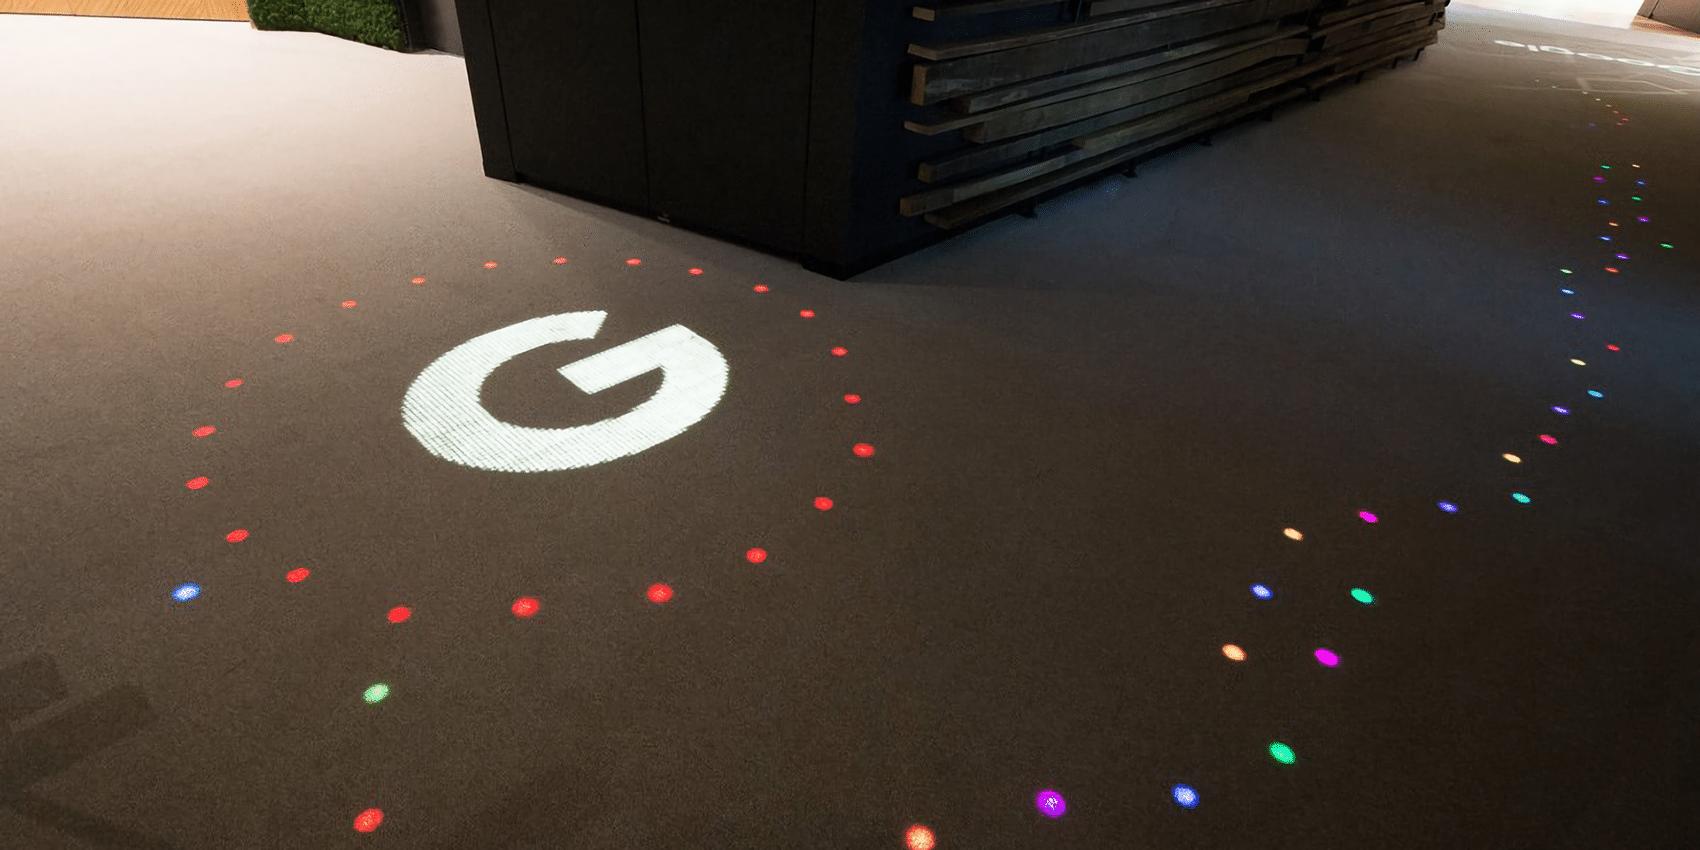 Moquette personnalisée lumineuse chez Google